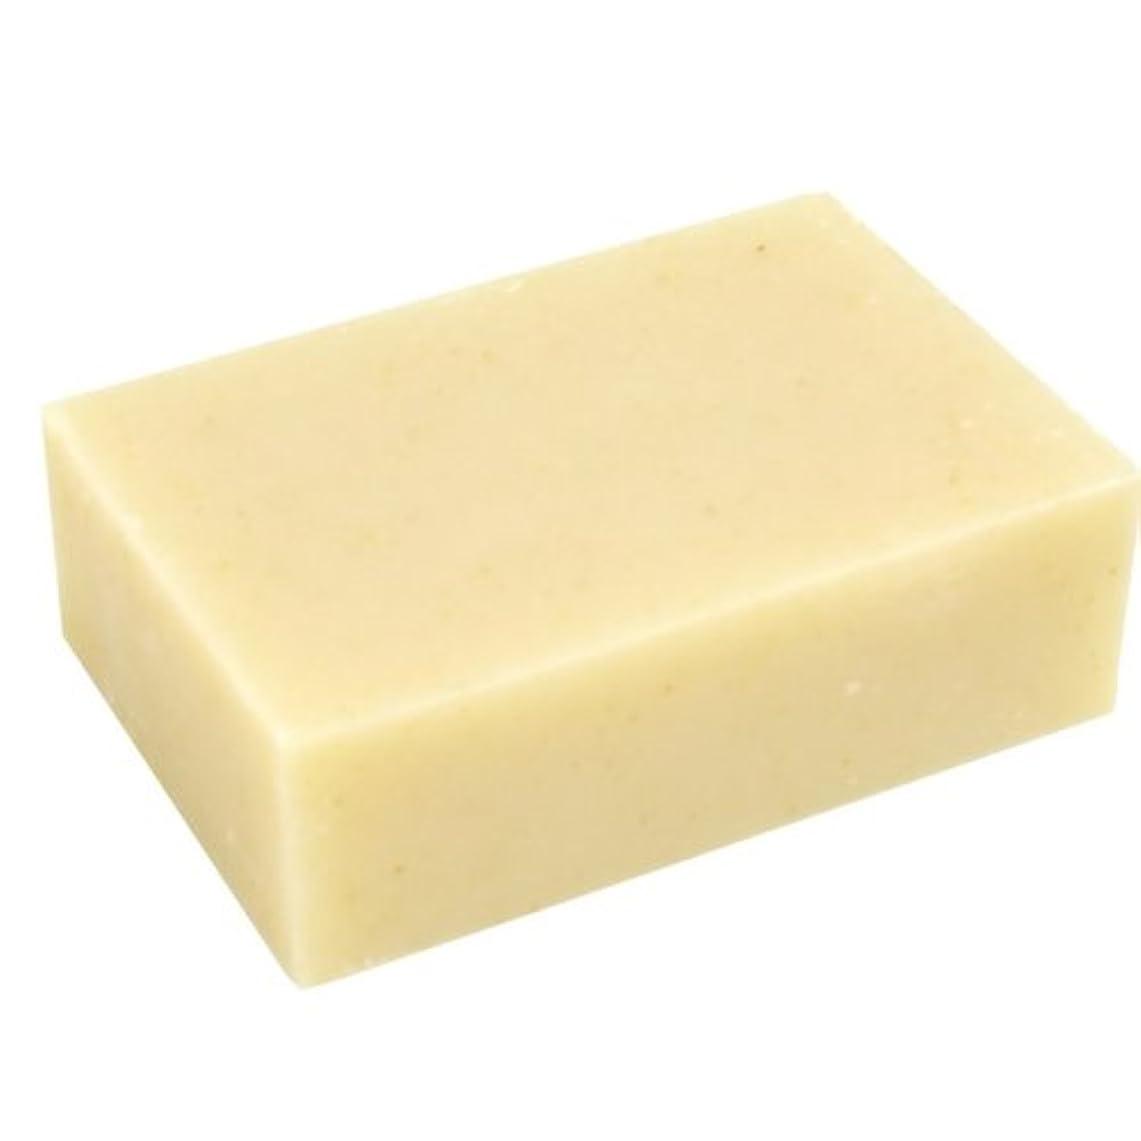 請う引き渡すリップHAWAIIAN BATH & BODY SOAP ゼラニウム